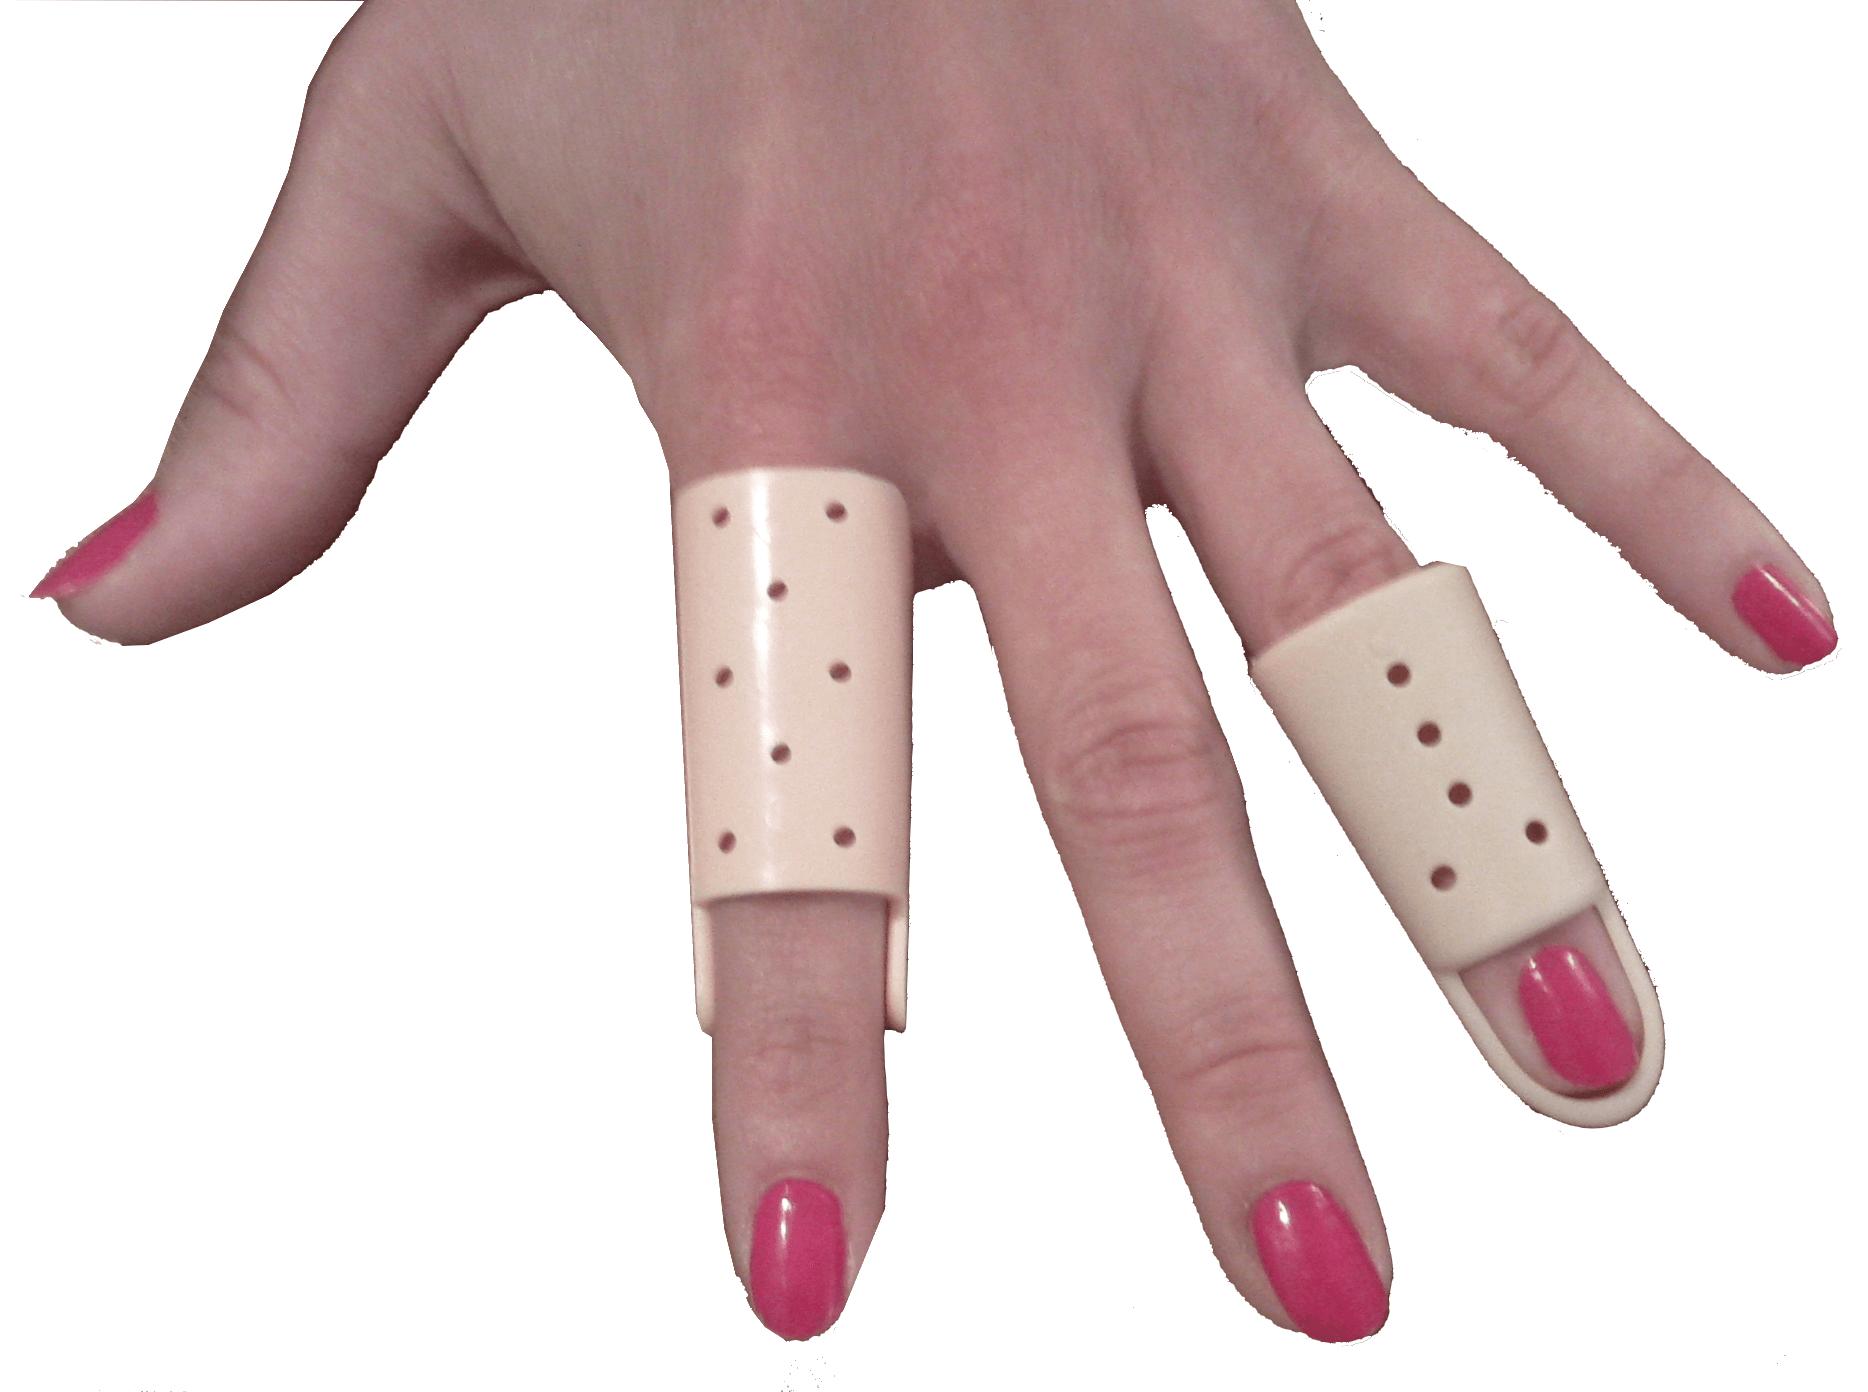 Attelle de doigt, cabinet orthopédique Arras